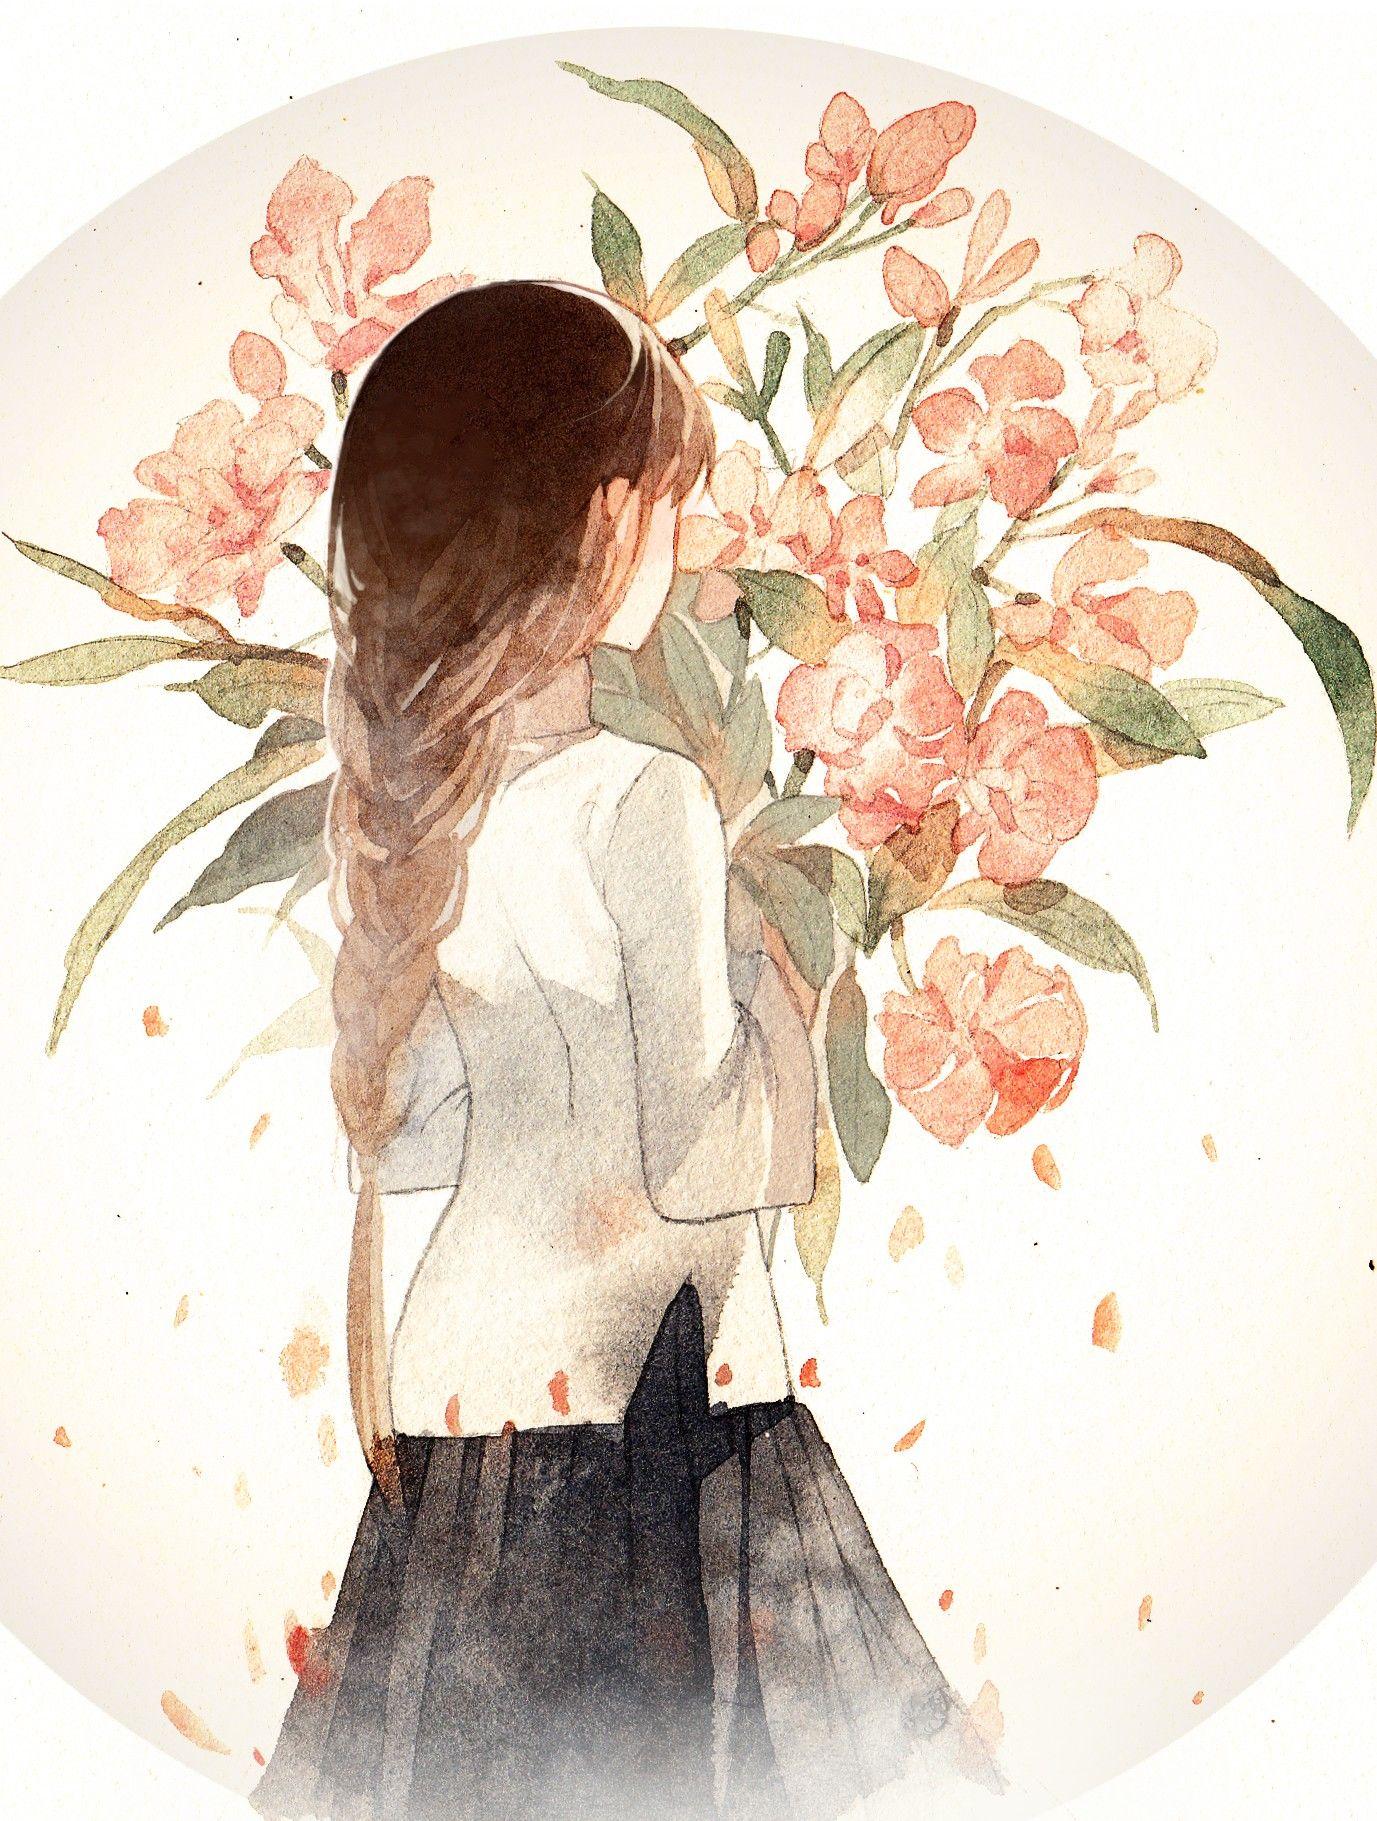 Con gái rất dễ khóc... nhưng khi họ không khóc nữa có lẽ là họ quá ...